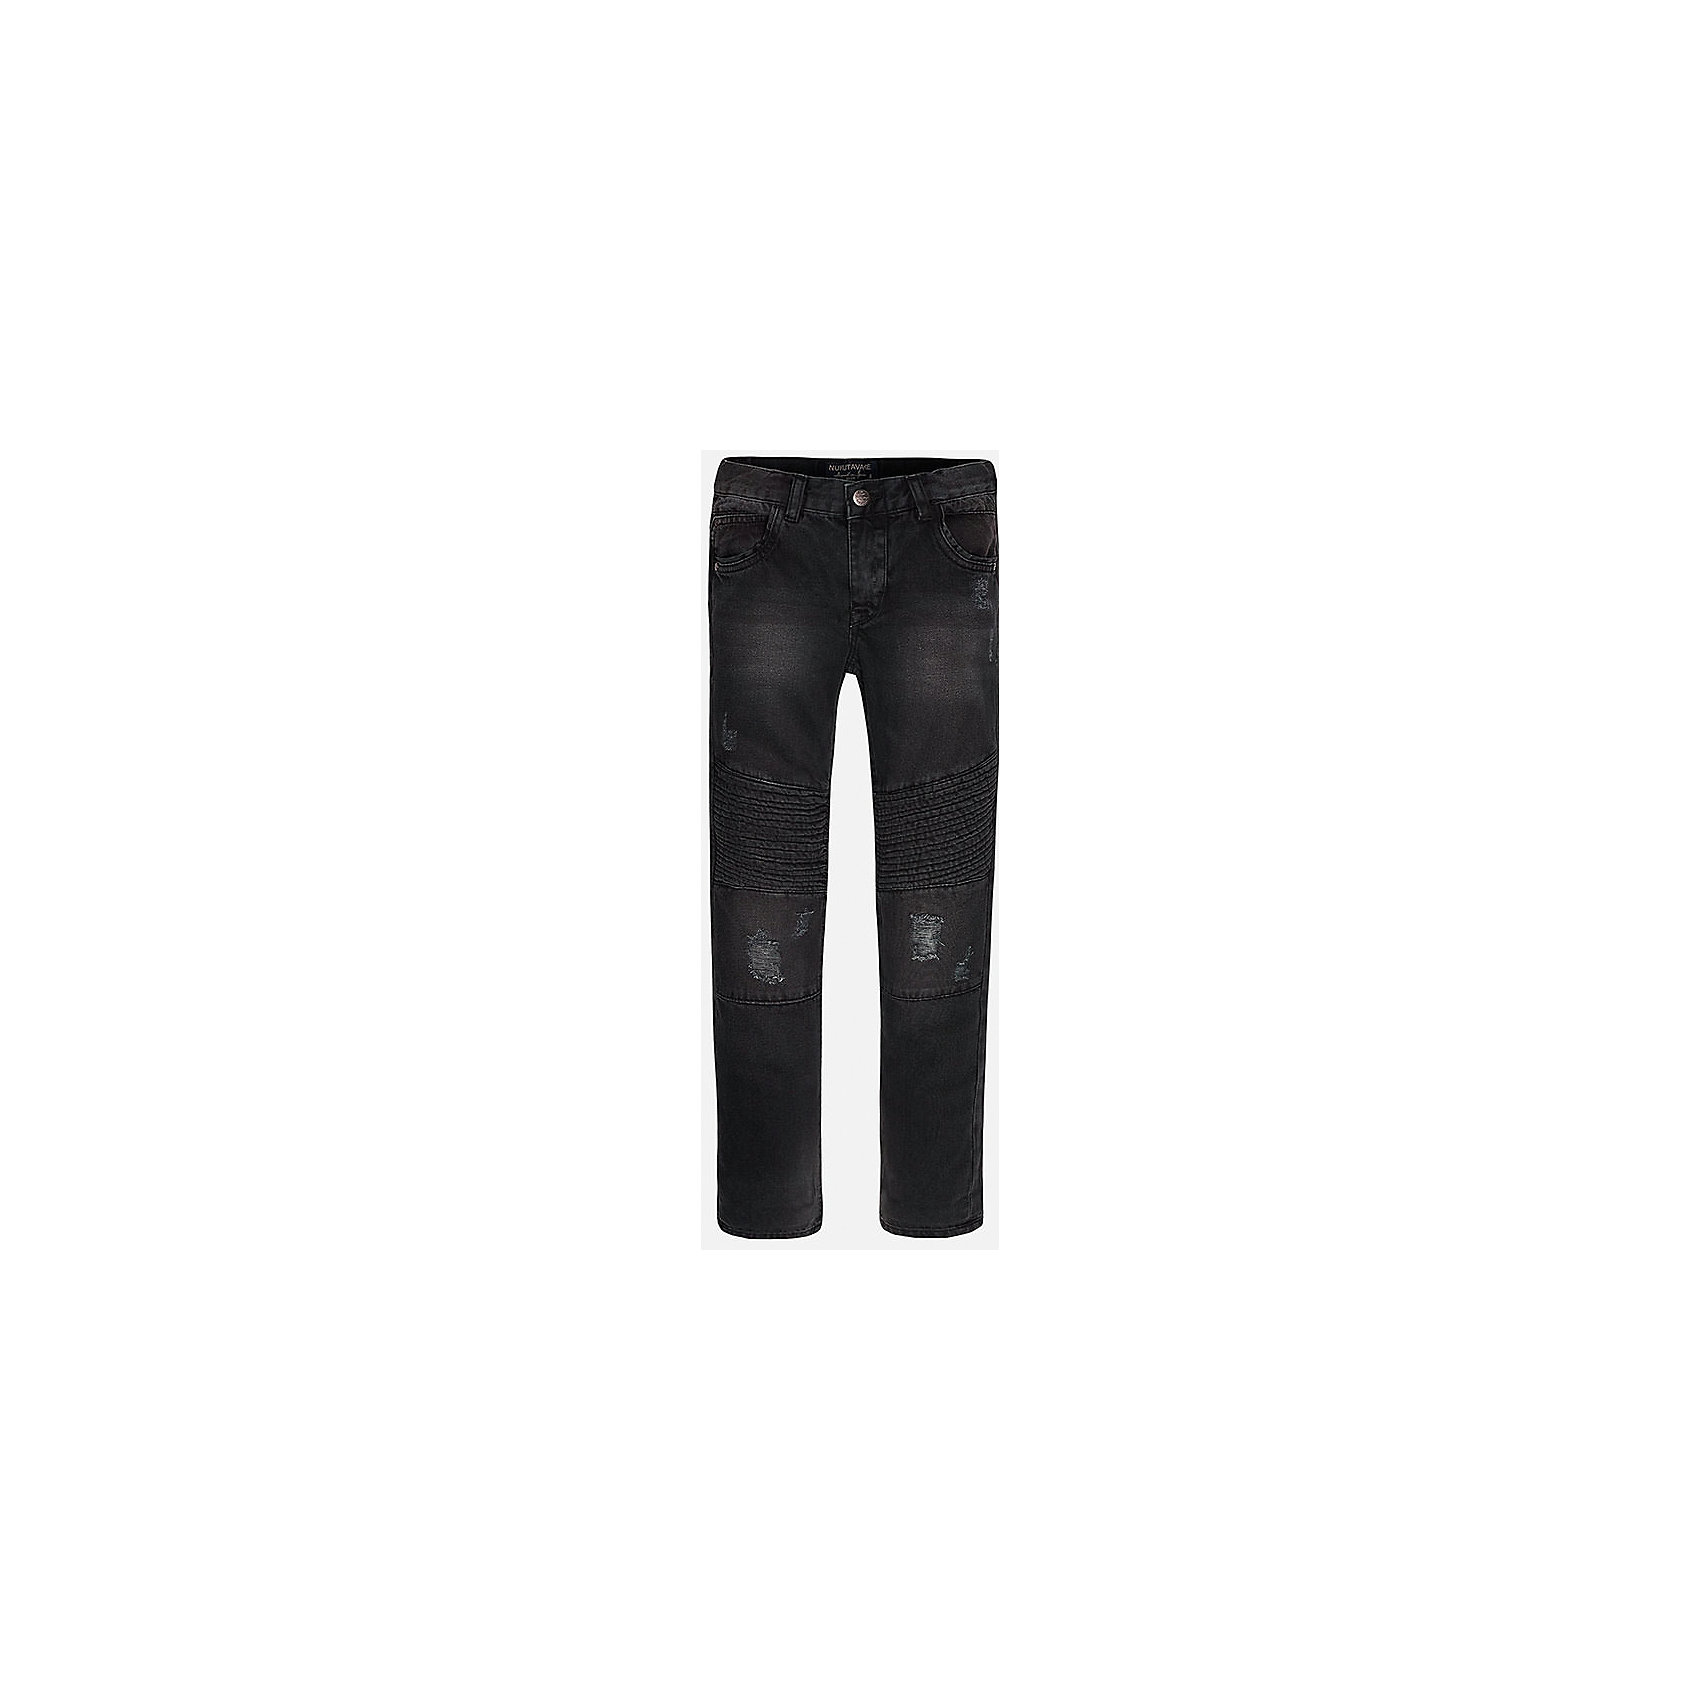 Брюки для мальчика MayoralДжинсы<br>Джинсовые брюки для мальчика от испанской марки Mayoral(Майорал). Изготовлены из качественного хлопка, приятного телу. Есть по 2 кармана спереди и сзади. Оригинальный дизайн с эффектом потертости понравится начинающим модникам!<br><br>Дополнительная информация:<br>Состав: 100% хлопок<br>Цвет: черный<br>Вы можете приобрести брюки для мальчика Mayoral(майорал) в нашем интернет-магазине.<br><br>Ширина мм: 215<br>Глубина мм: 88<br>Высота мм: 191<br>Вес г: 336<br>Цвет: черный<br>Возраст от месяцев: 108<br>Возраст до месяцев: 120<br>Пол: Мужской<br>Возраст: Детский<br>Размер: 140/146,128/134,164/170,158/164,152/158,146/152<br>SKU: 4827190